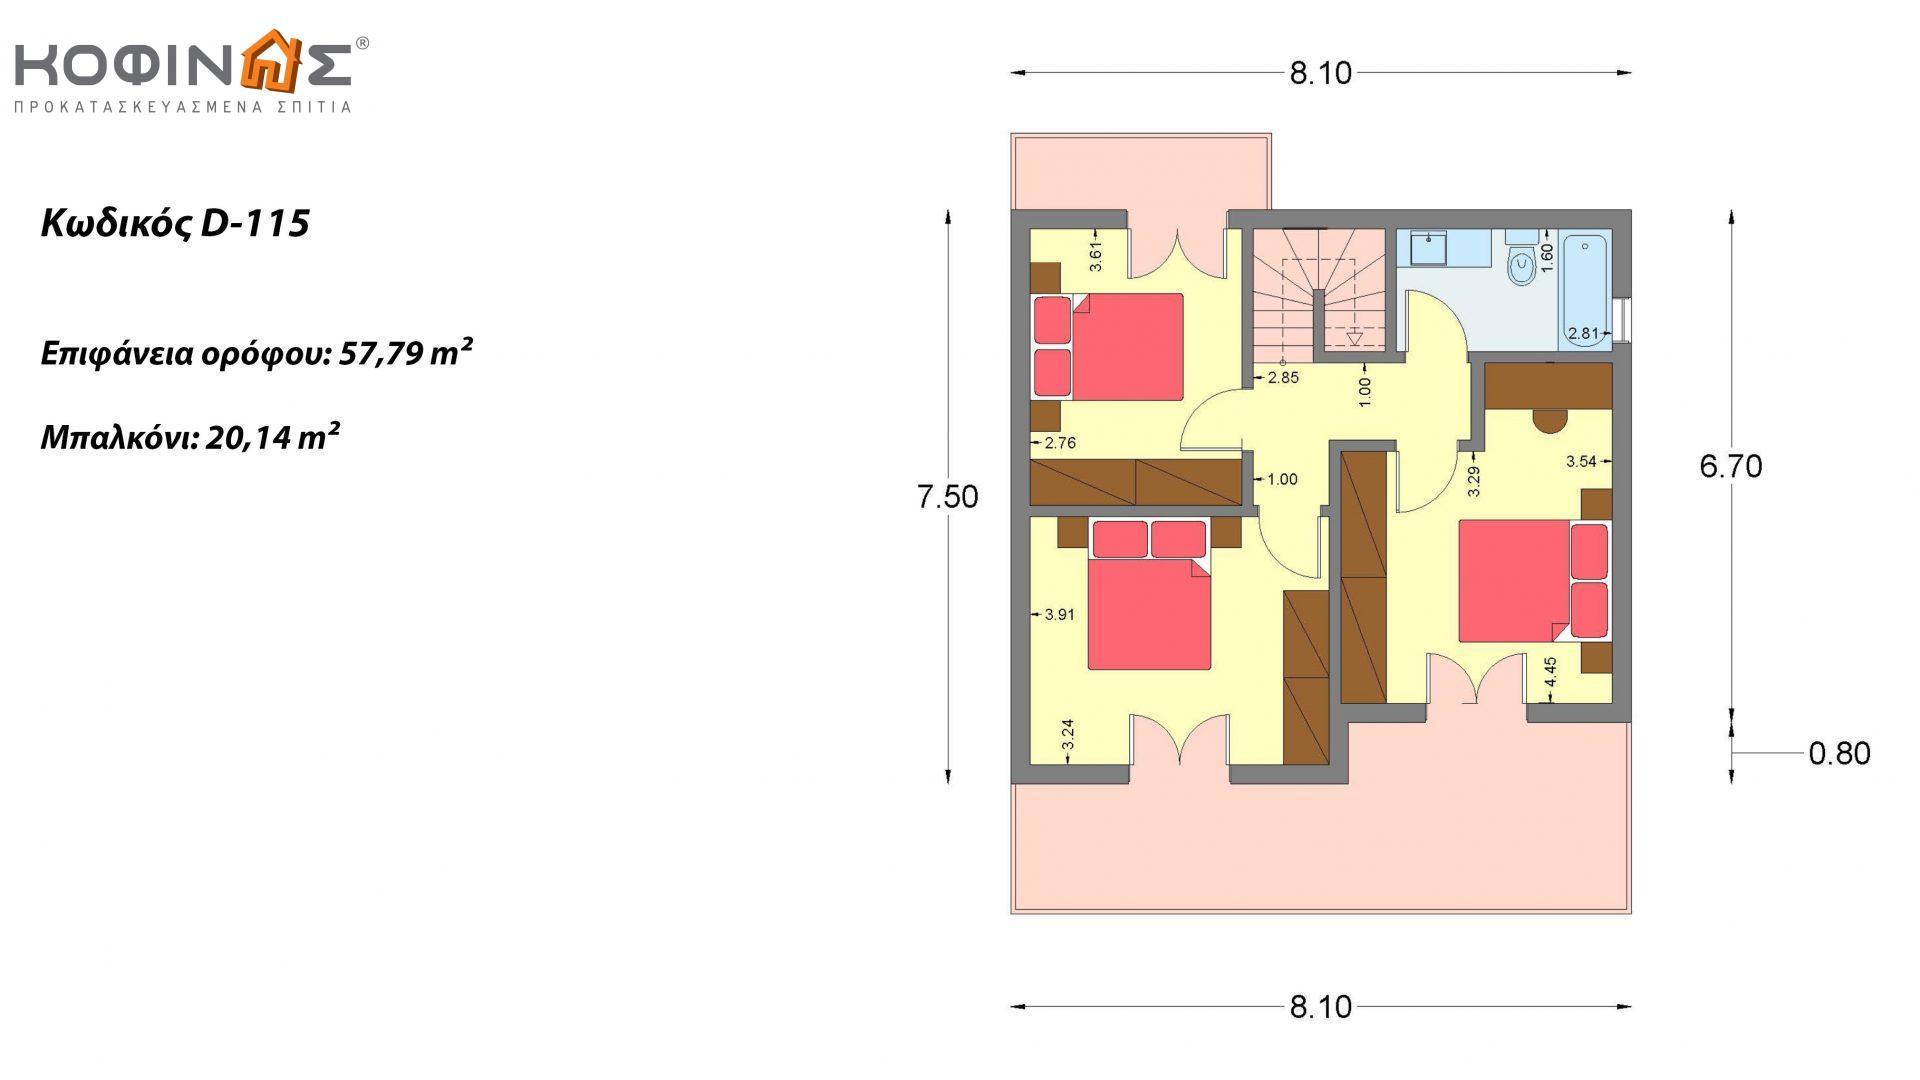 Διώροφη κατοικία D-115, συνολικής επιφάνειας 115,58, συνολική επιφάνεια στεγασμένων χώρων 24,33 τ.μ., μπαλκόνια 20,14 τ.μ.